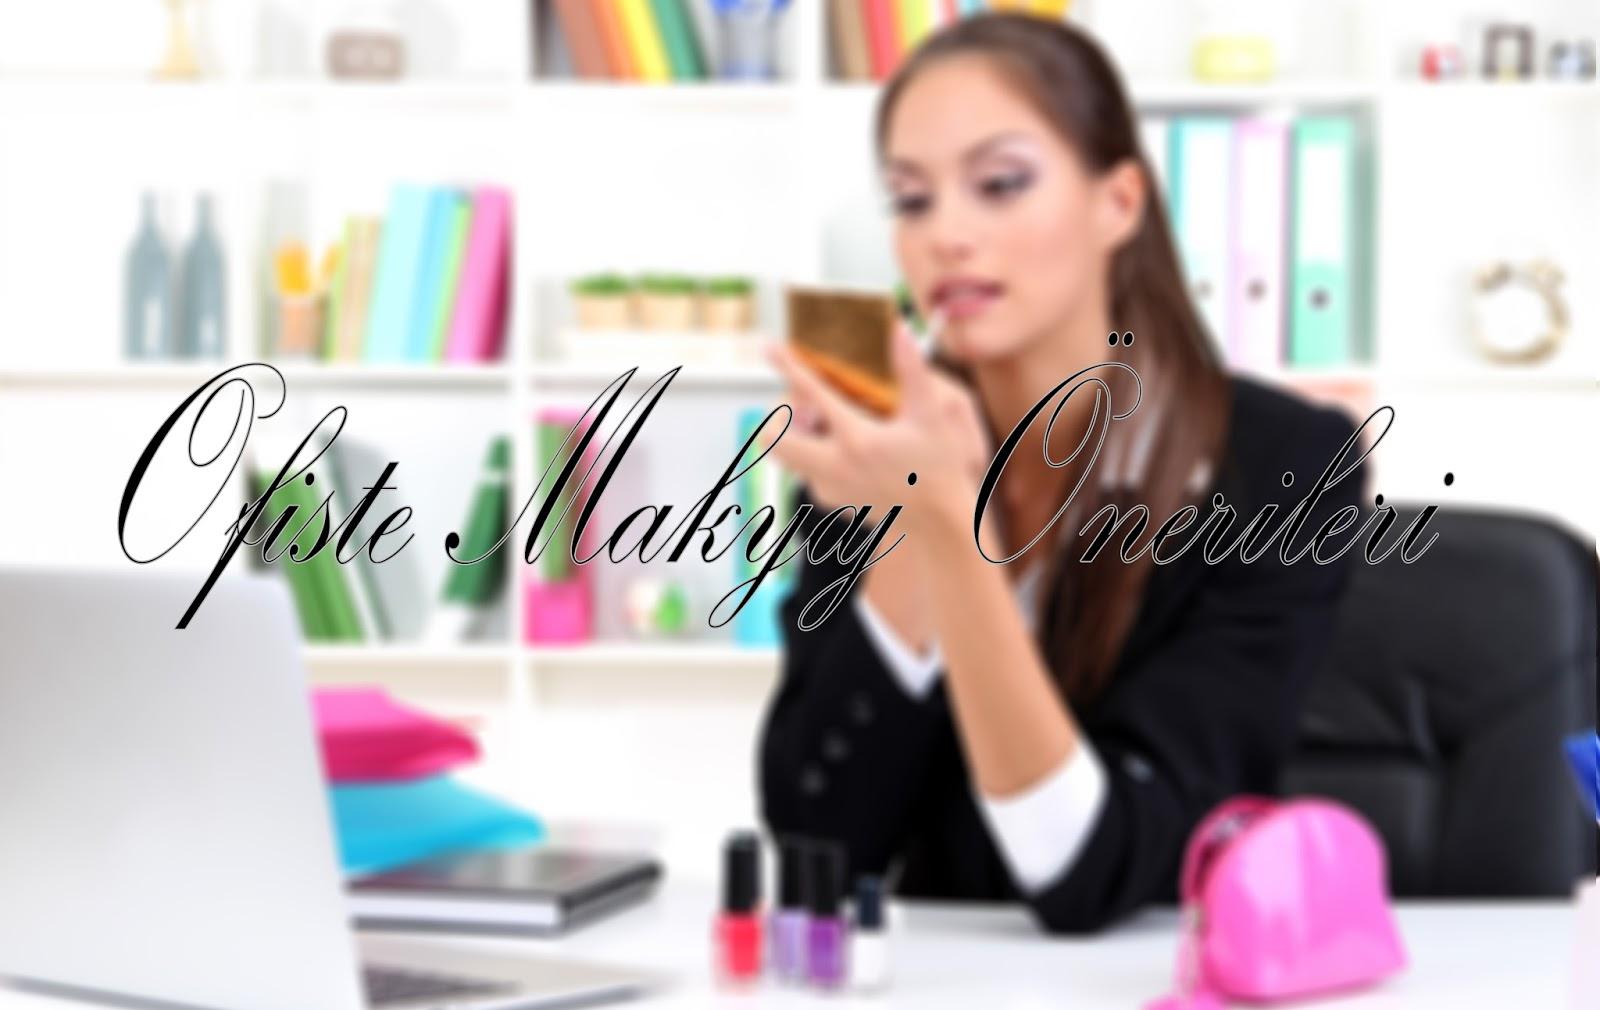 Ofiste Makyaj Nasıl Yapılır